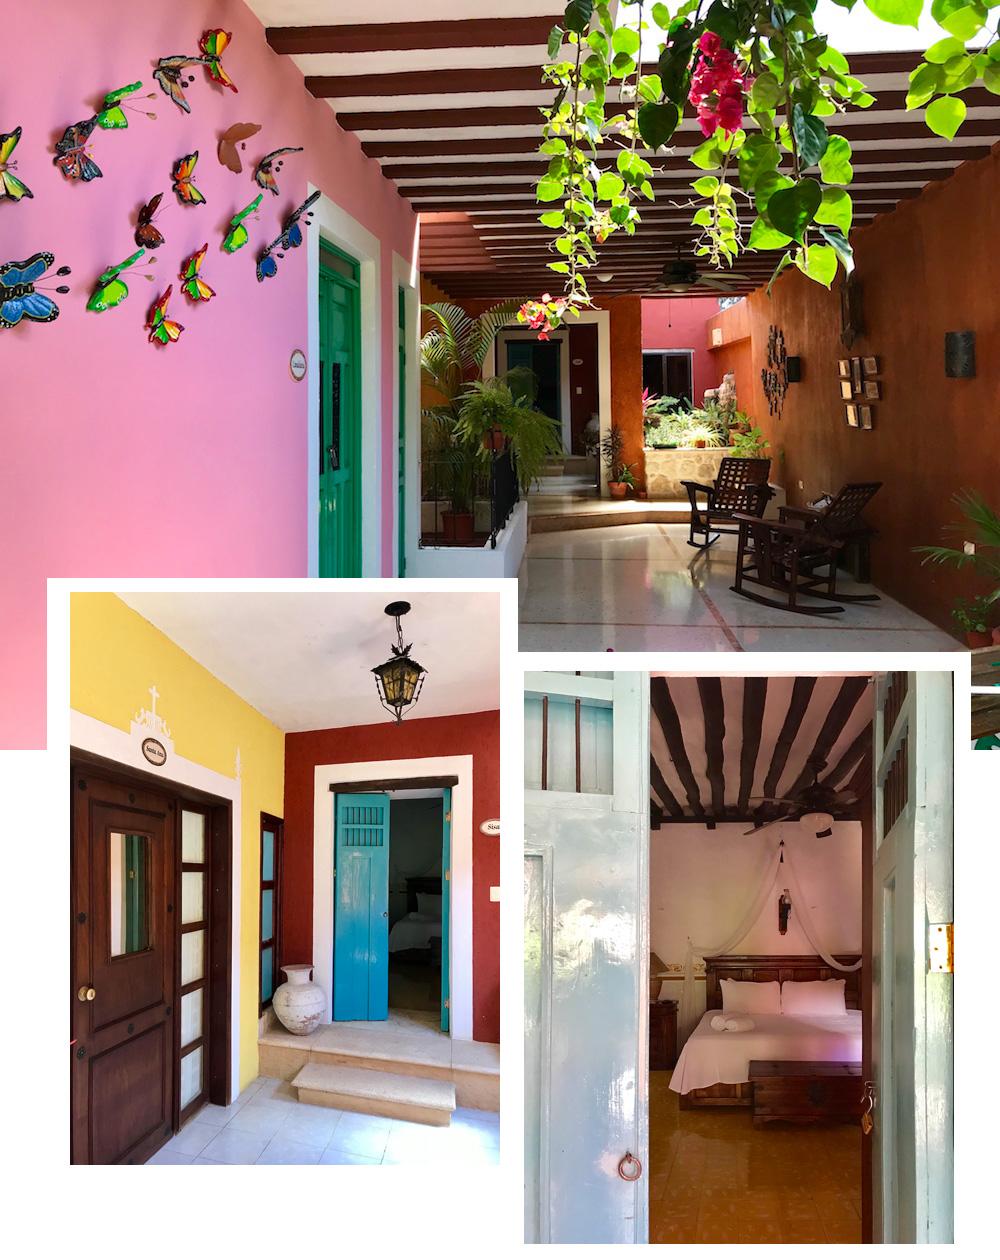 Valladolid Hotel Casa Tia Micha